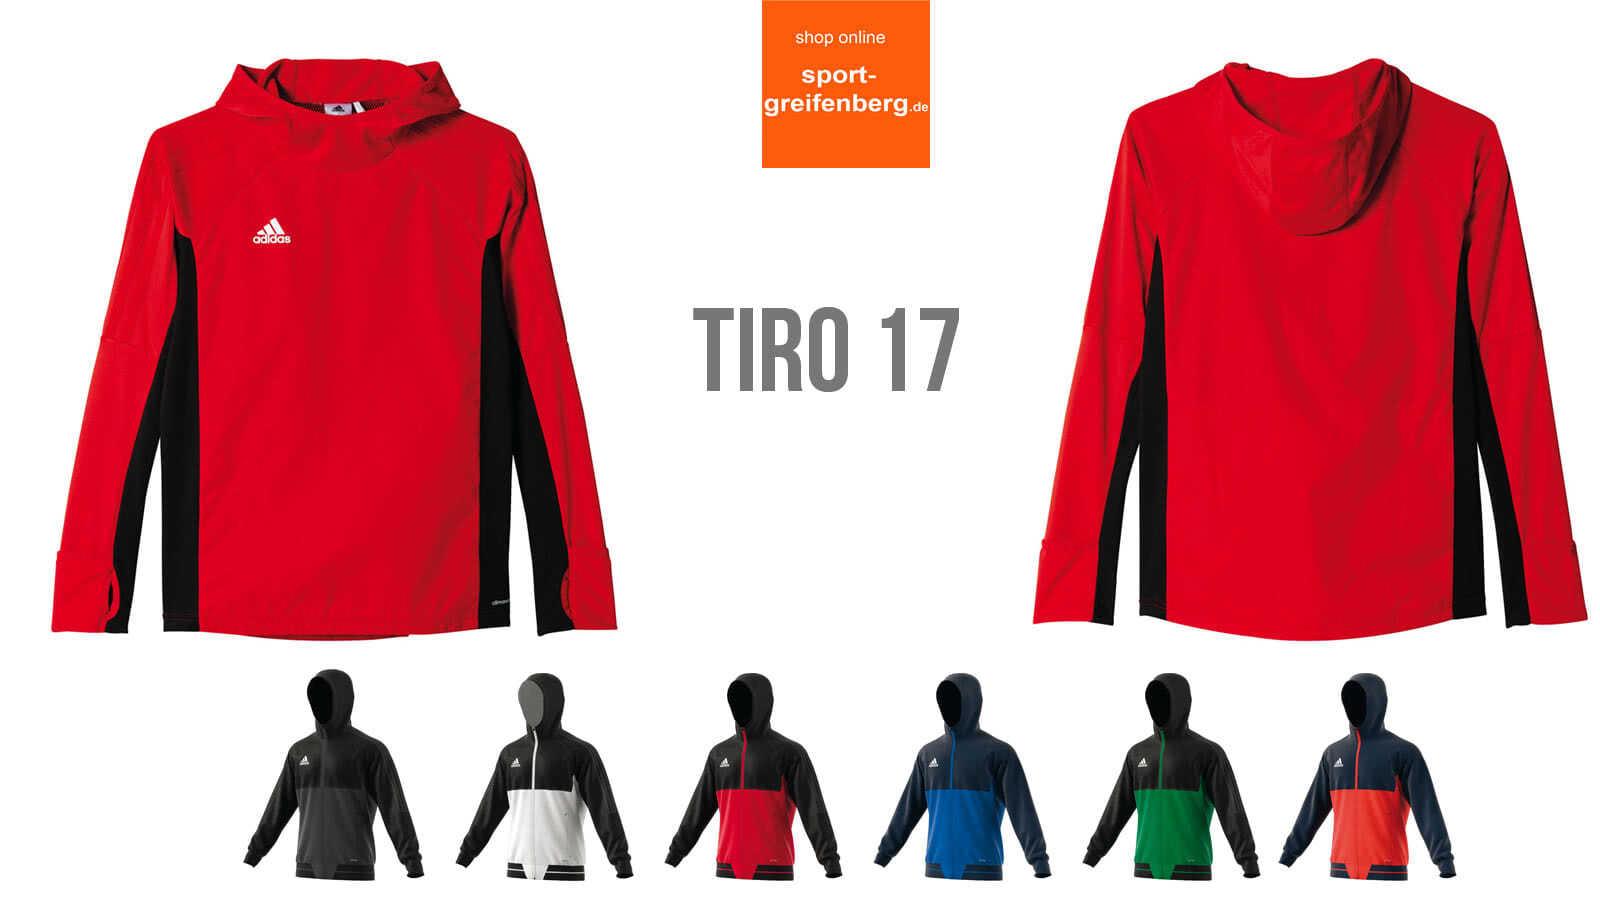 size 7 special for shoe innovative design Adidas Tiro 17 ☆ Sportbekleidung ☆ Teamline